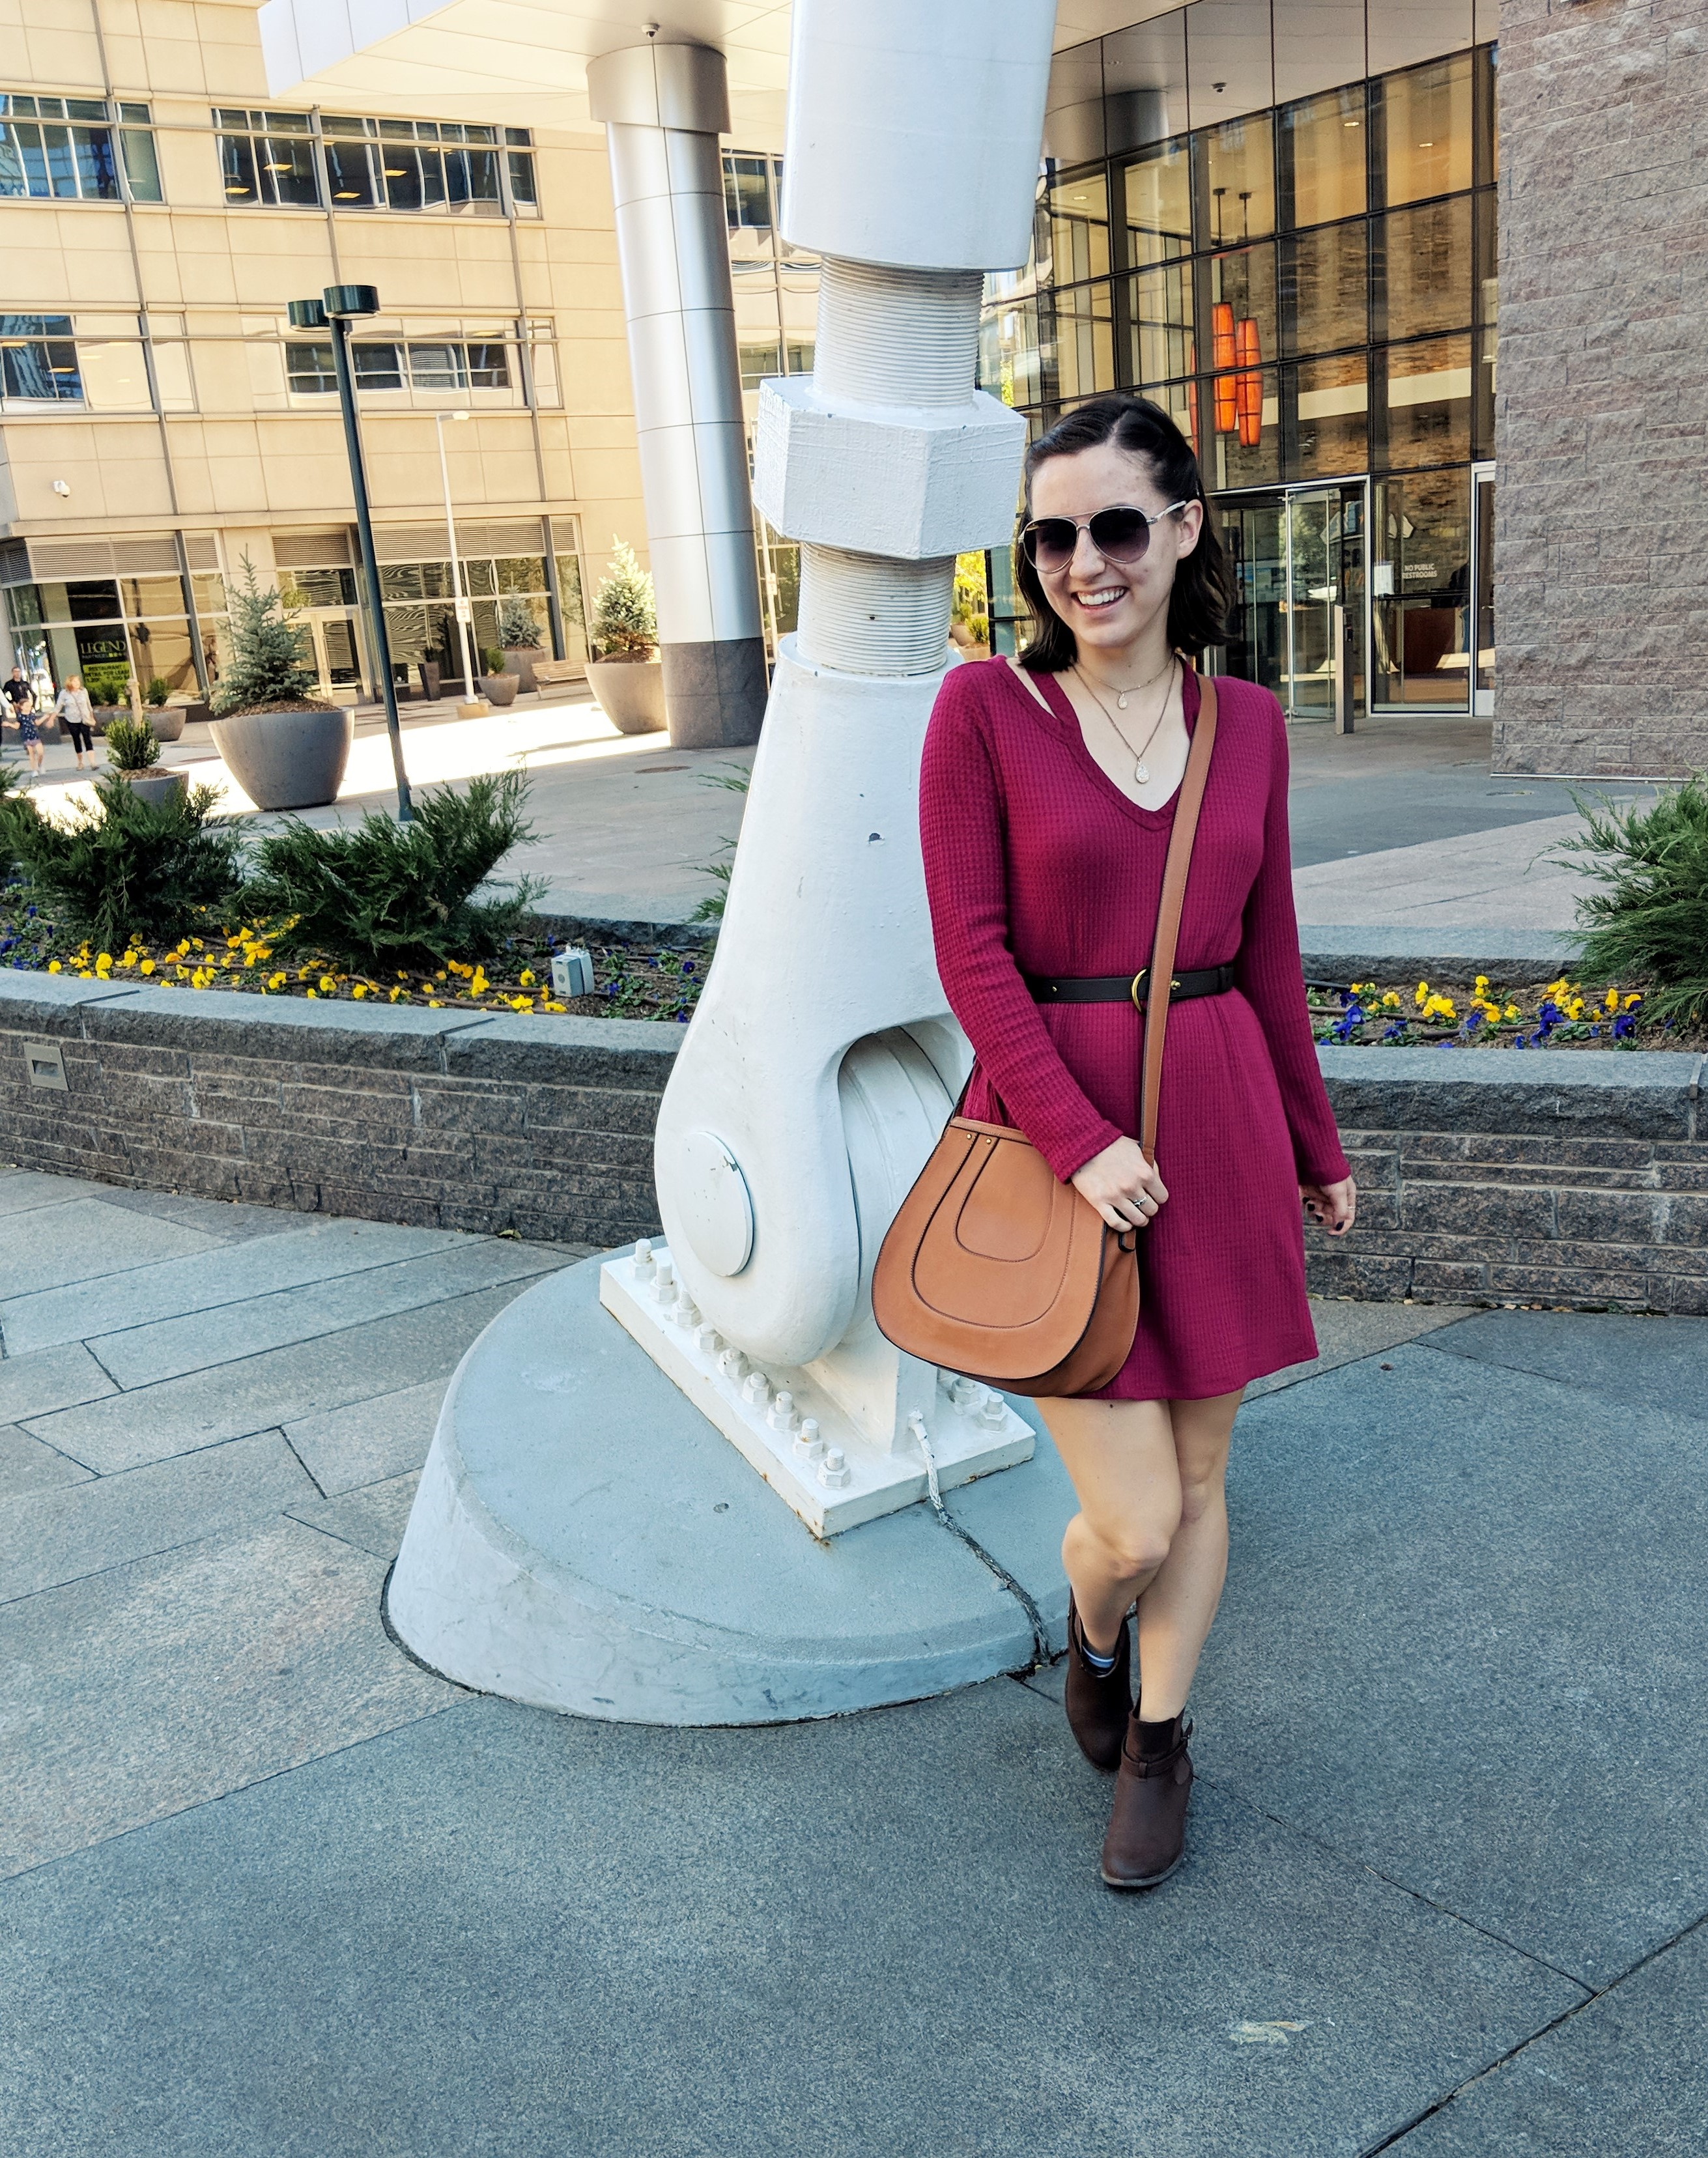 red dress and brown saddle bag